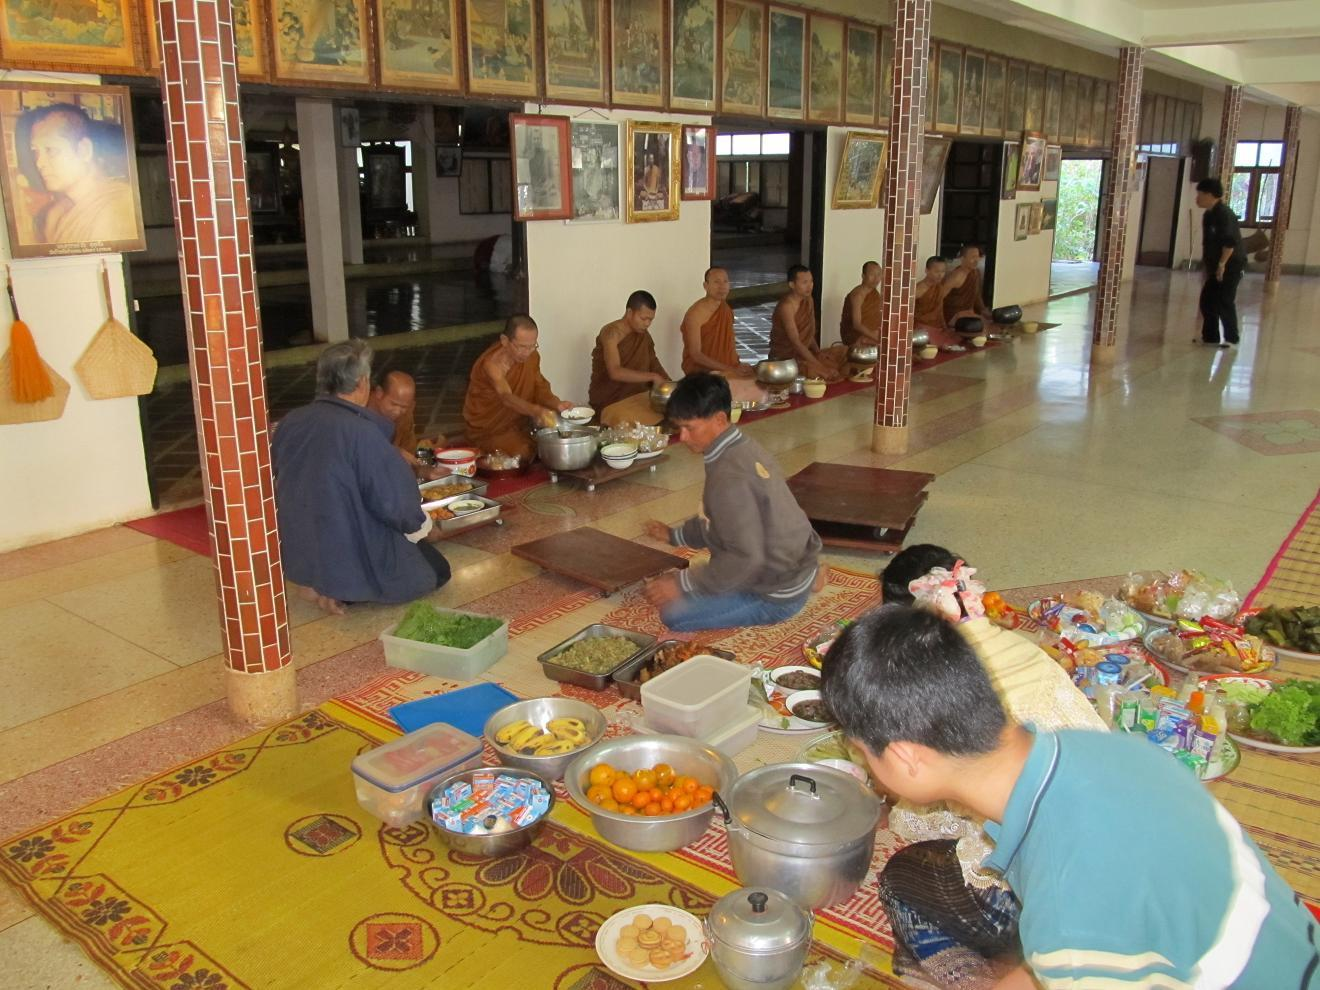 Laici předkládají jídlo mnichům